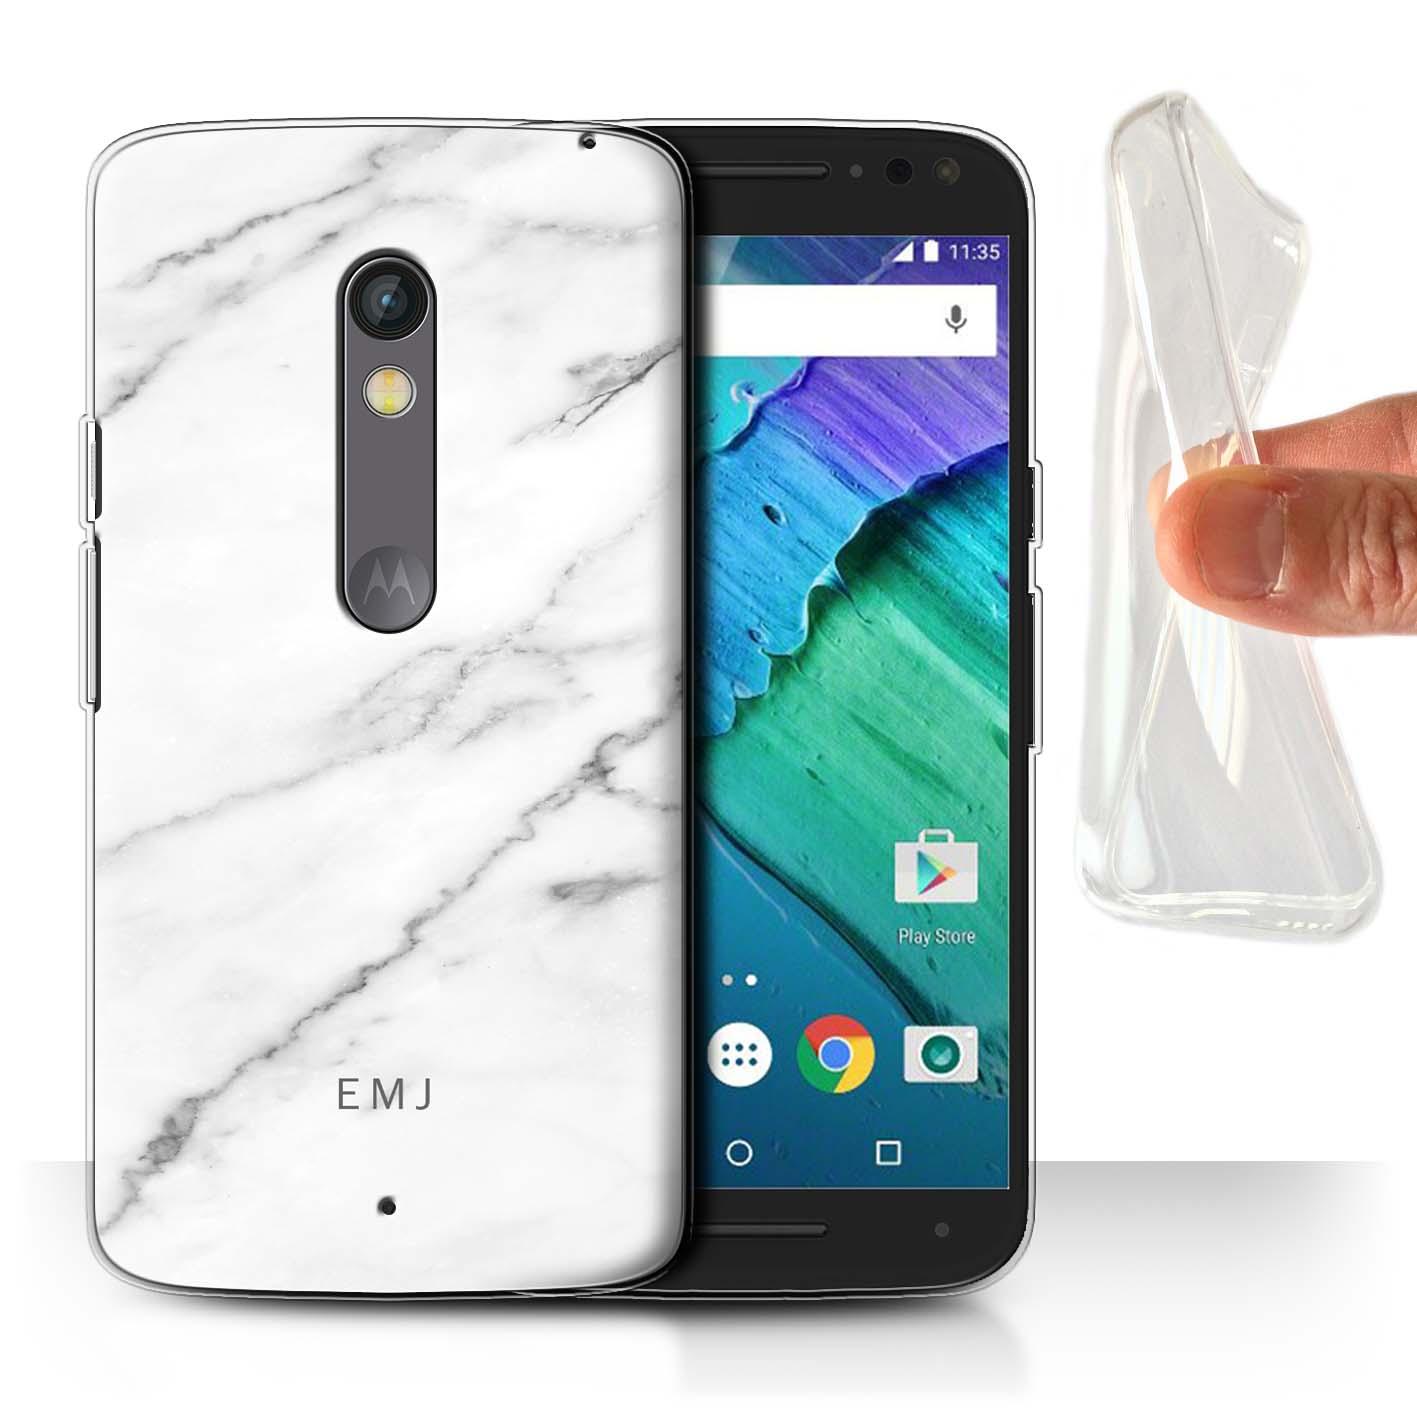 Personalizado-Marmol-Funda-Gel-para-Motorola-Moto-X-Play-2015-Nombre-Inicial